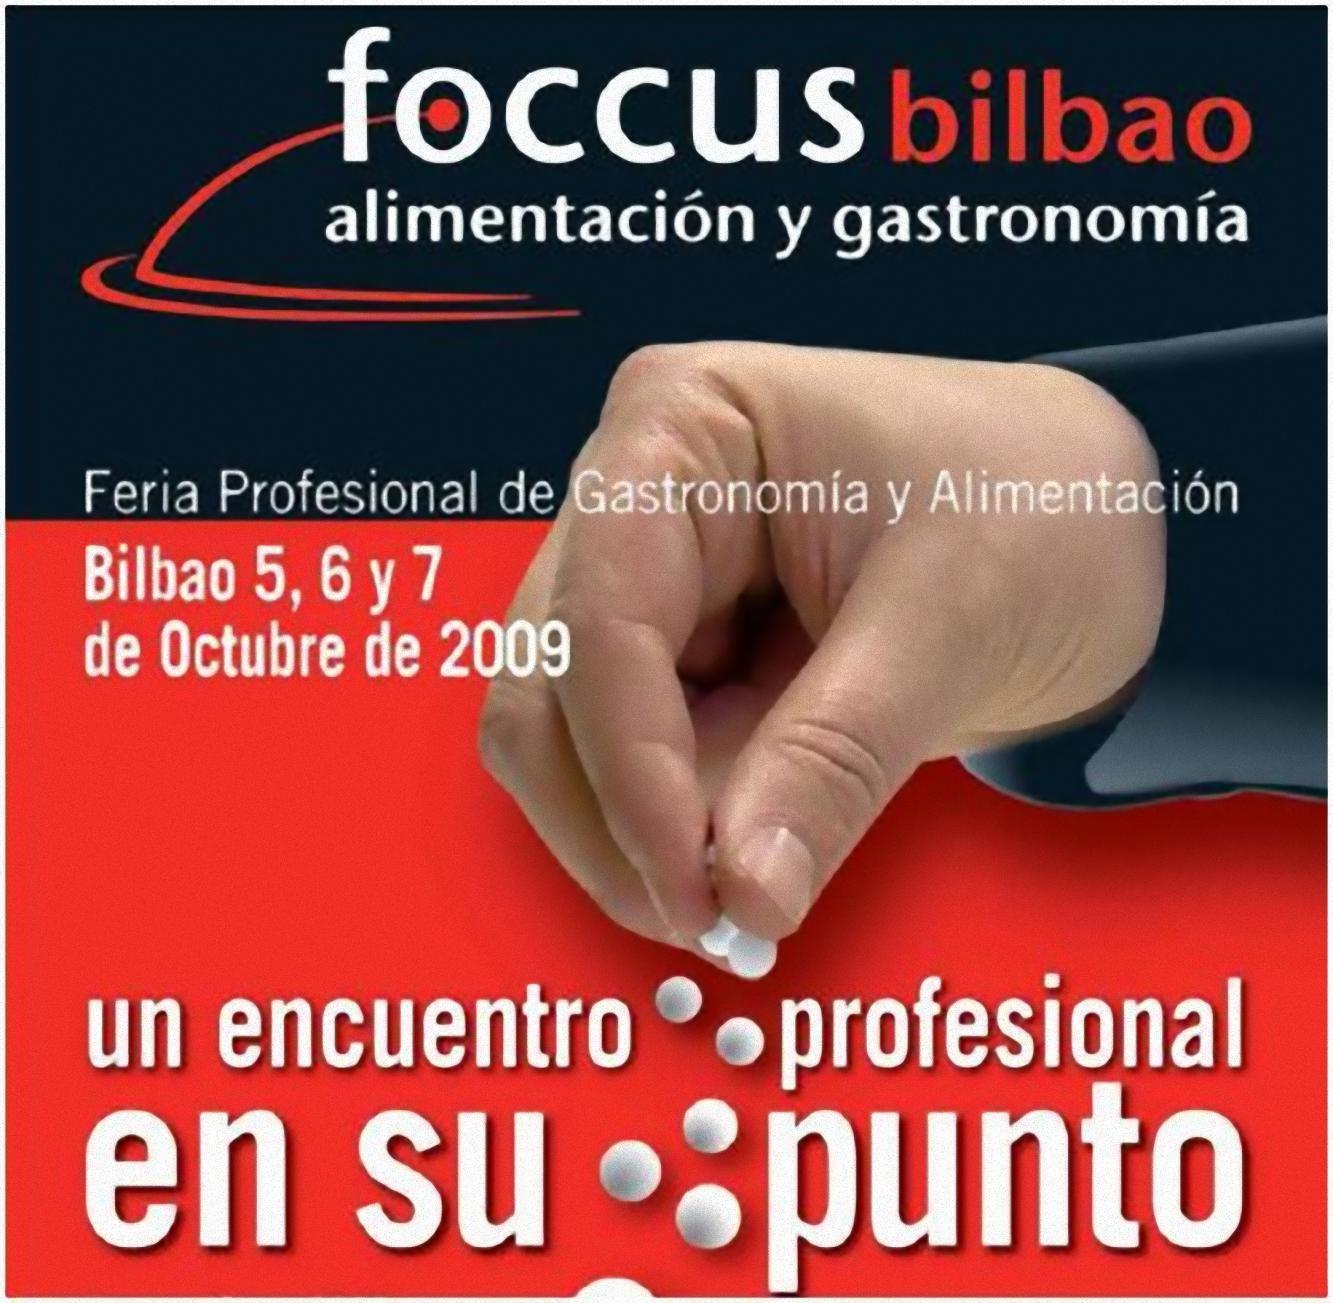 Foccus Bilbao 2009, feria de Gastronomía del País Vasco